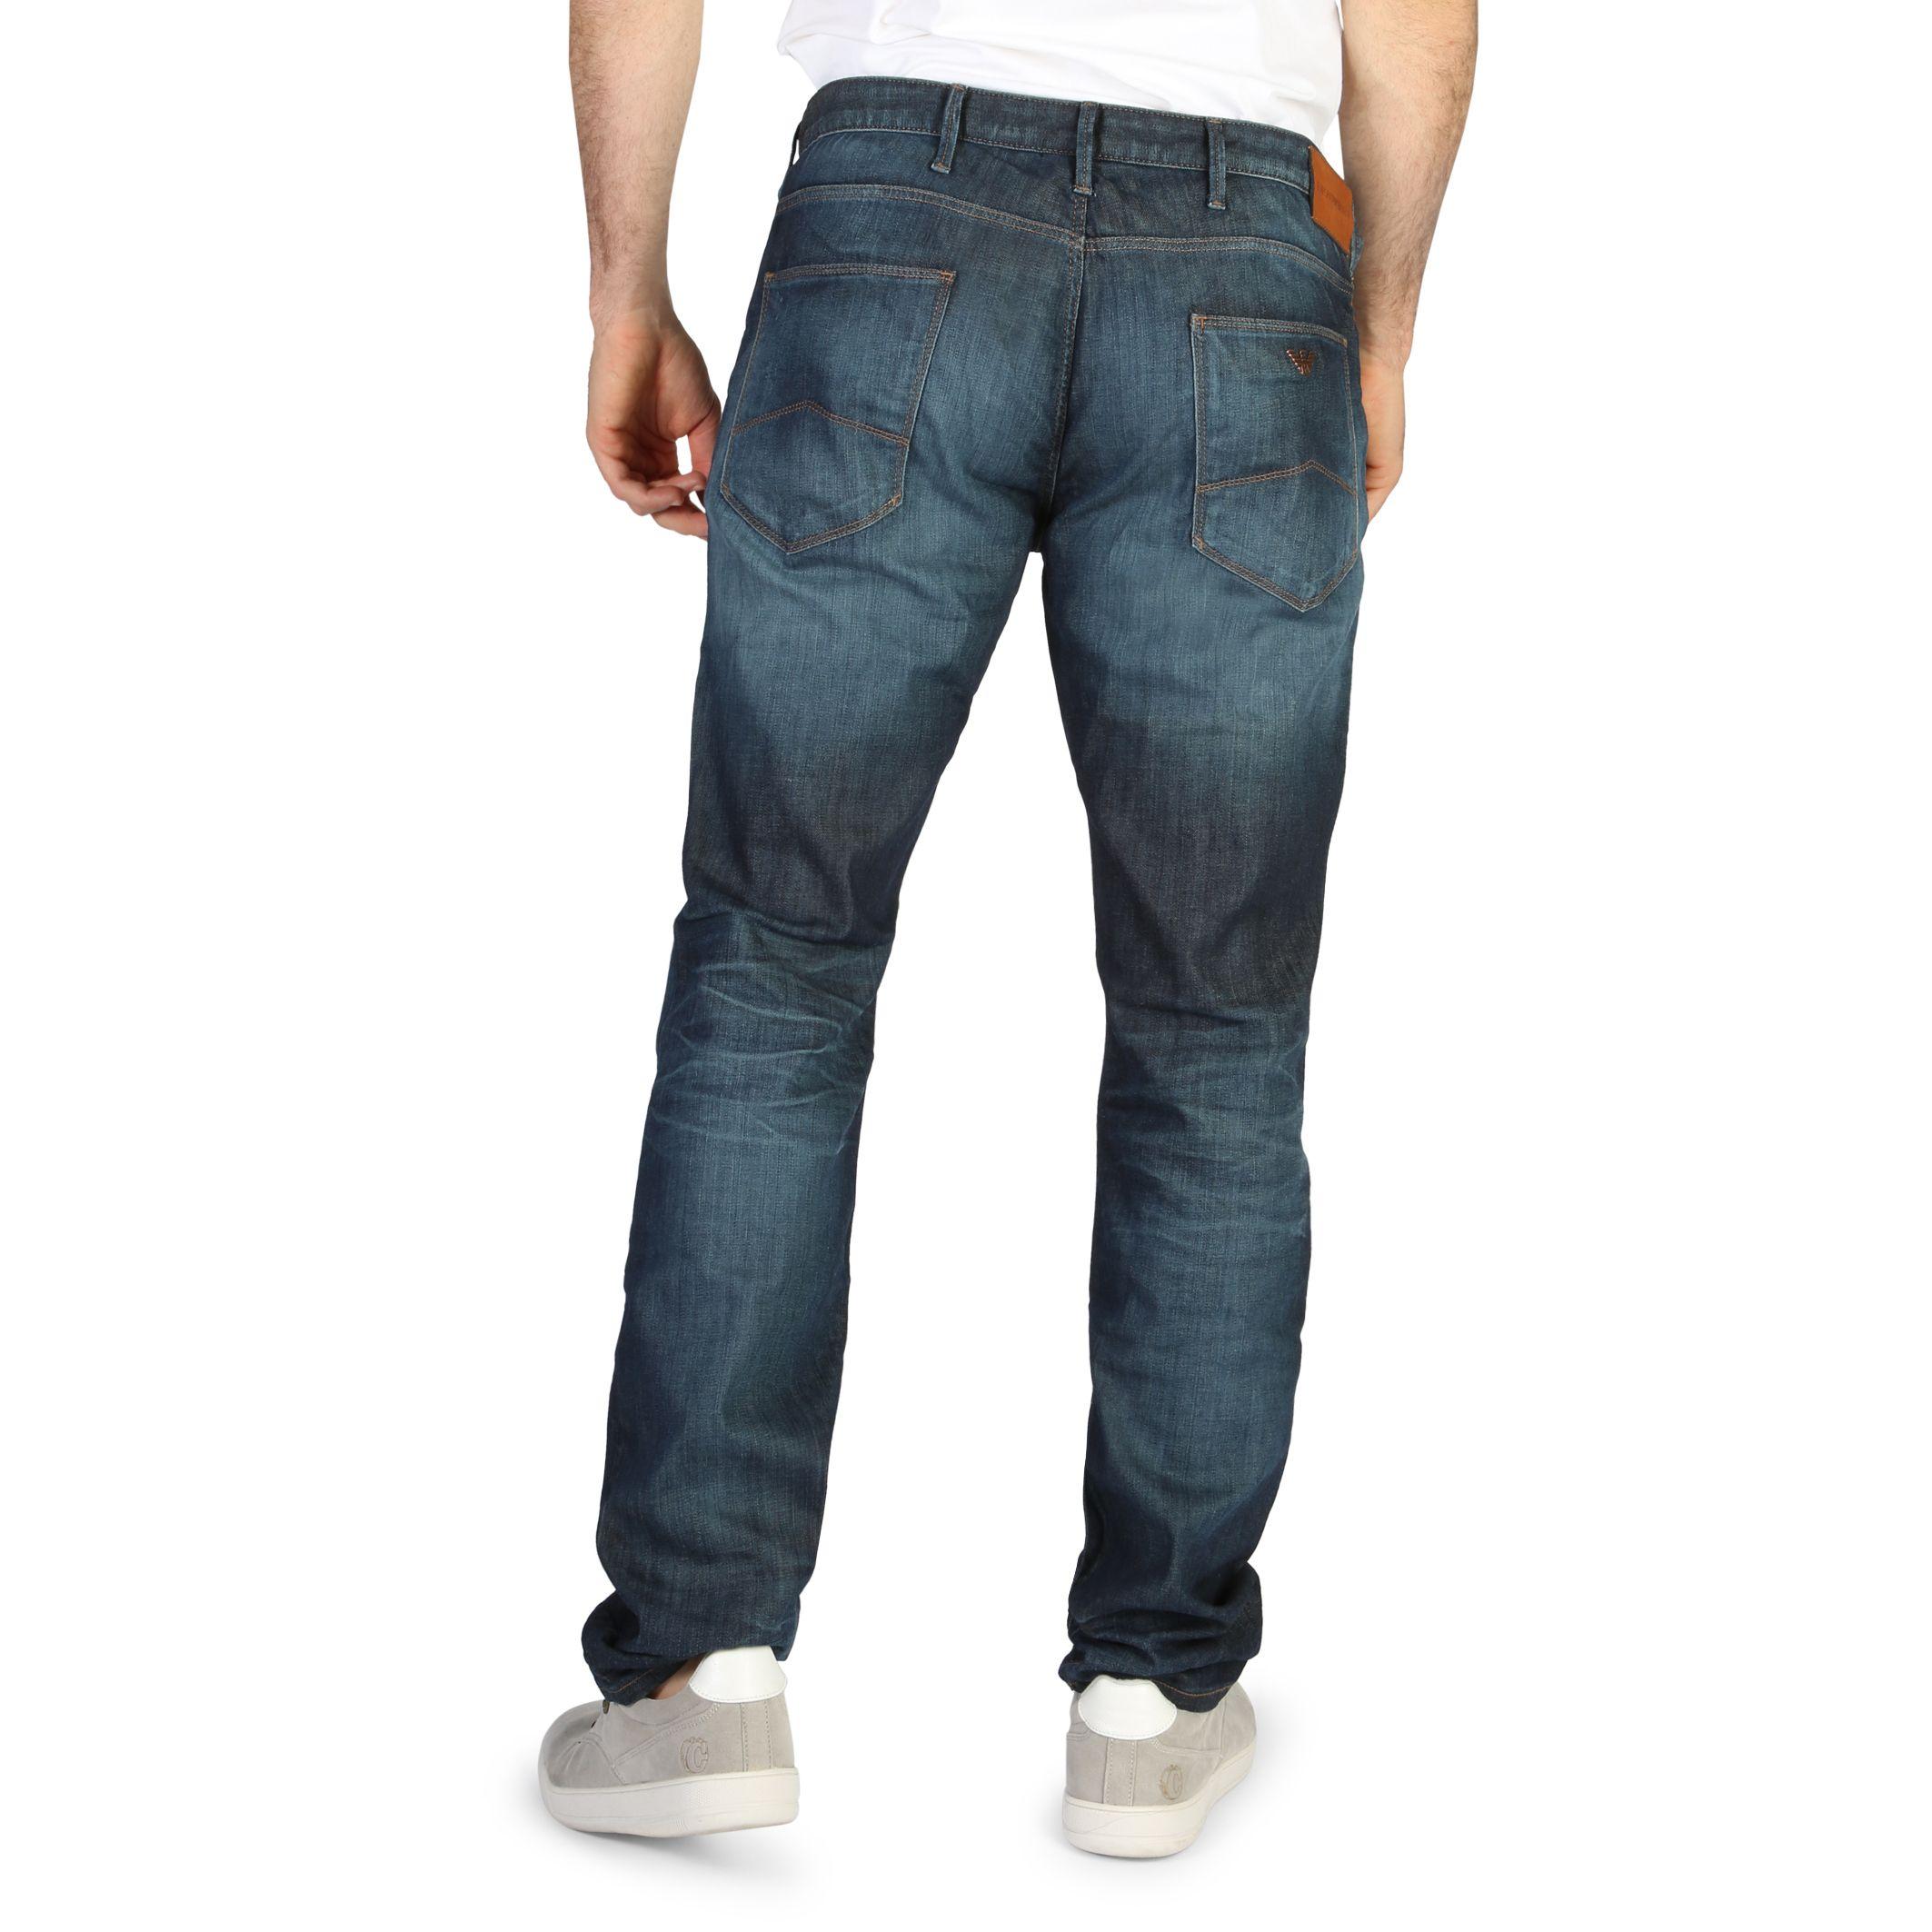 Emporio Armani – 3Z1J061D10Z0 L32 Jeans